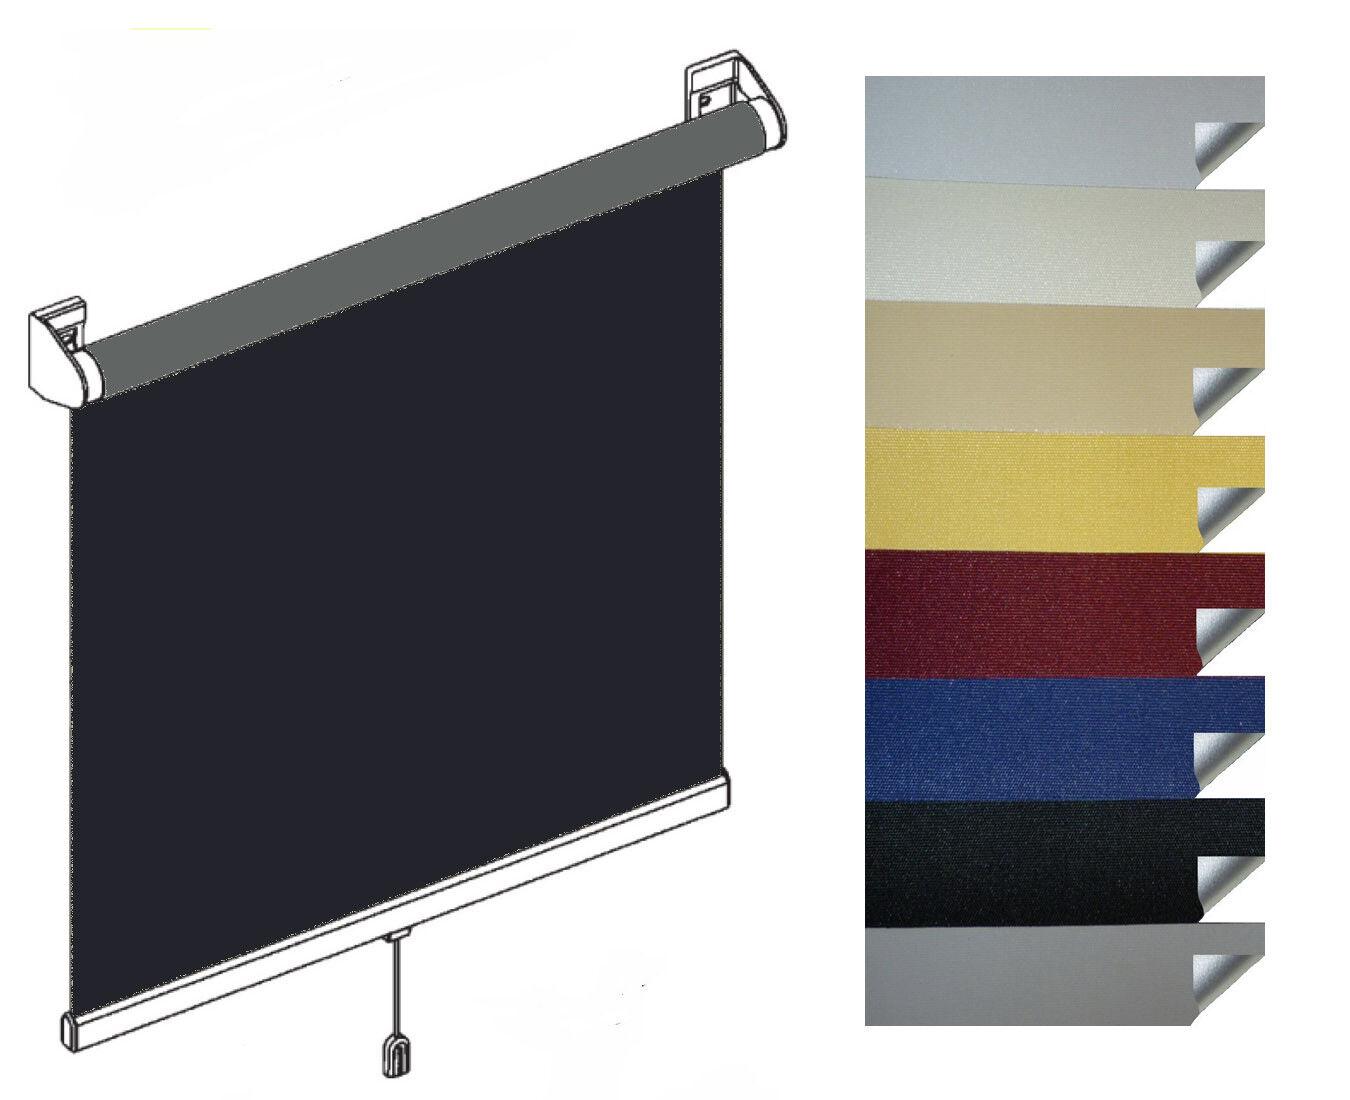 TOP Schnapprollos Springrollos Verdunklungsrollos ThermGoldllo außen silberfarbig       Qualität und Verbraucher an erster Stelle  0d7815